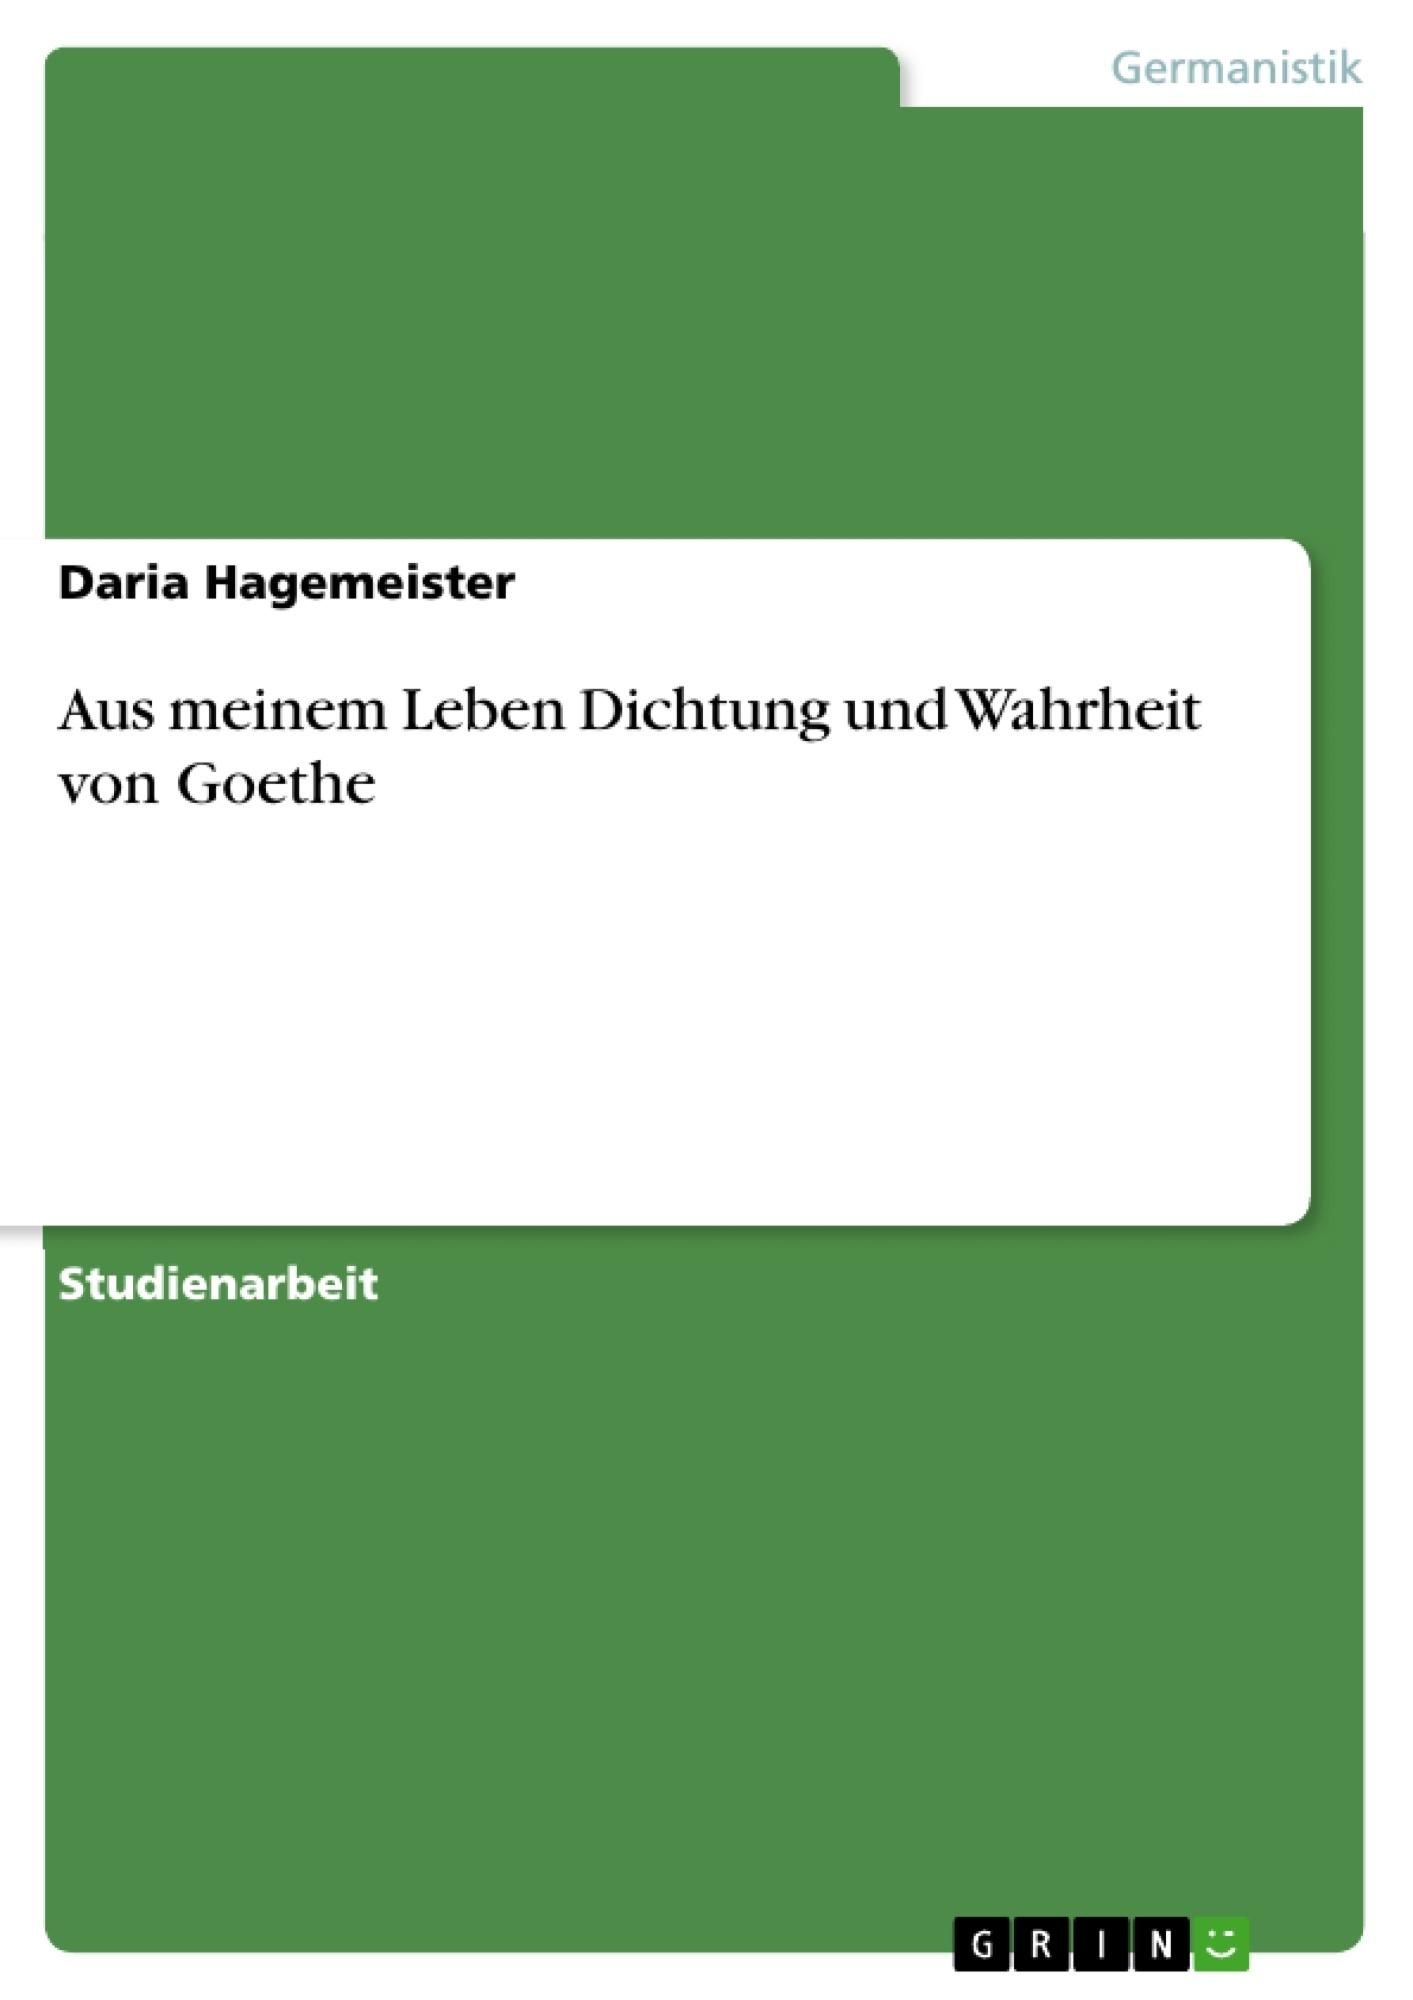 Titel: Aus meinem Leben Dichtung und Wahrheit von Goethe